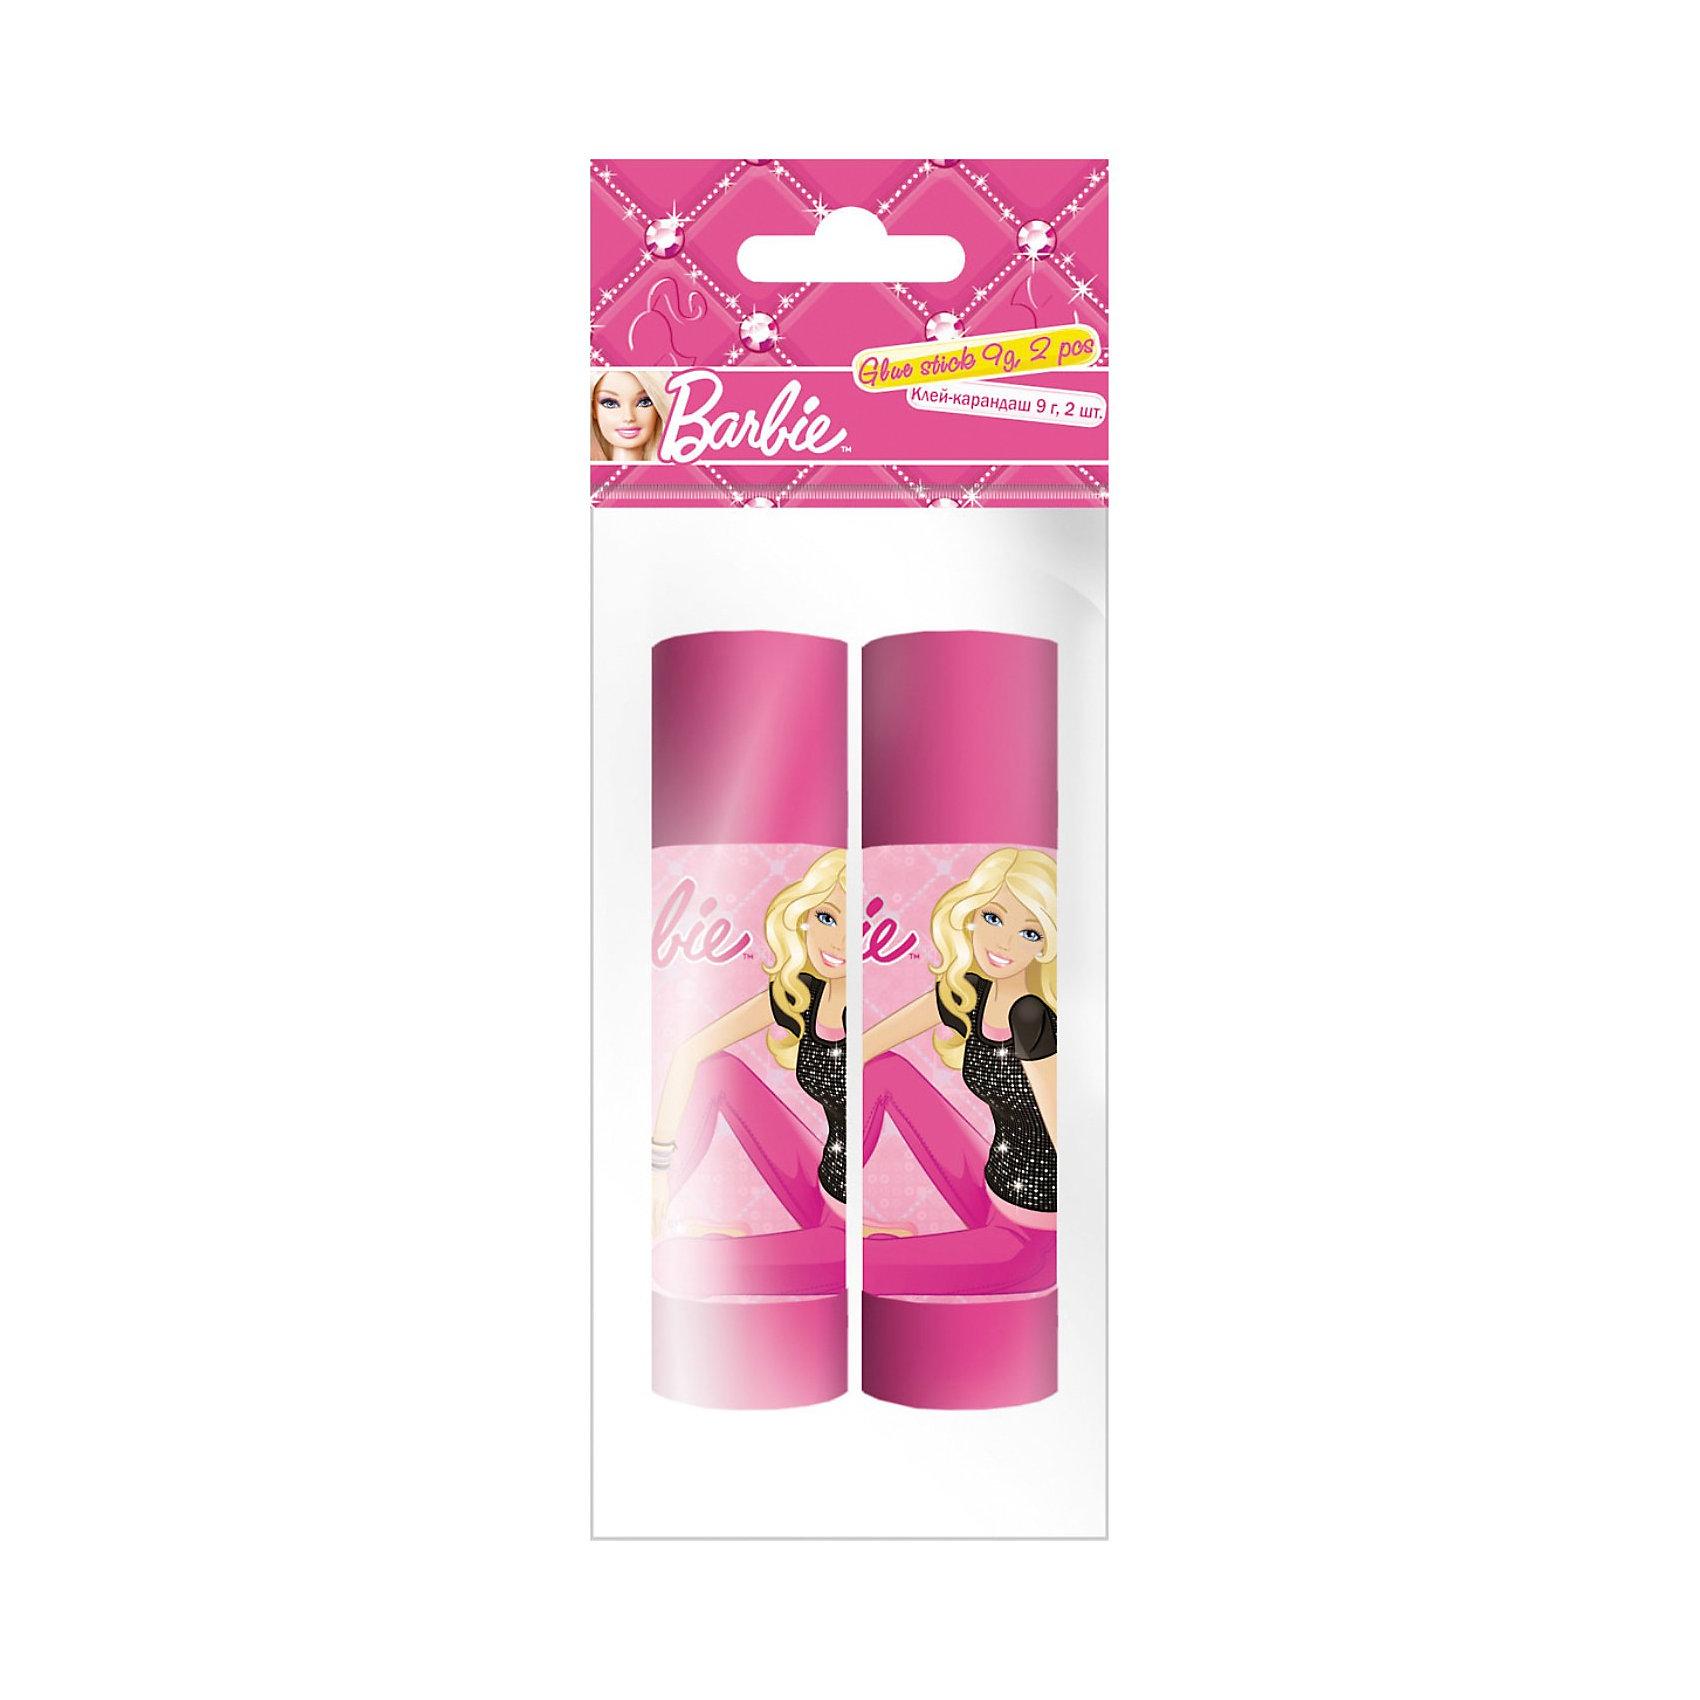 Клей-карандаши, 9 г, 2 шт, BarbieBarbie<br>Набор клей-карандашей Барби (Barbie) станет замечательным дополнением к другим канцелярским принадлежностям бренда Barbie  В наборе два клей-карандаша с розовым корпусом, украшенным изображением куколки Барби.<br><br>Дополнительная информация:<br><br>- Размер: 12 х 5 х 2 см.<br>- Вес одного клей-карандаша: 9 гр.<br><br>Клей-карандаши Barbie, 2 шт. можно купить в нашем интернет-магазине.<br><br>Ширина мм: 130<br>Глубина мм: 55<br>Высота мм: 20<br>Вес г: 50<br>Возраст от месяцев: 96<br>Возраст до месяцев: 108<br>Пол: Женский<br>Возраст: Детский<br>SKU: 3563137